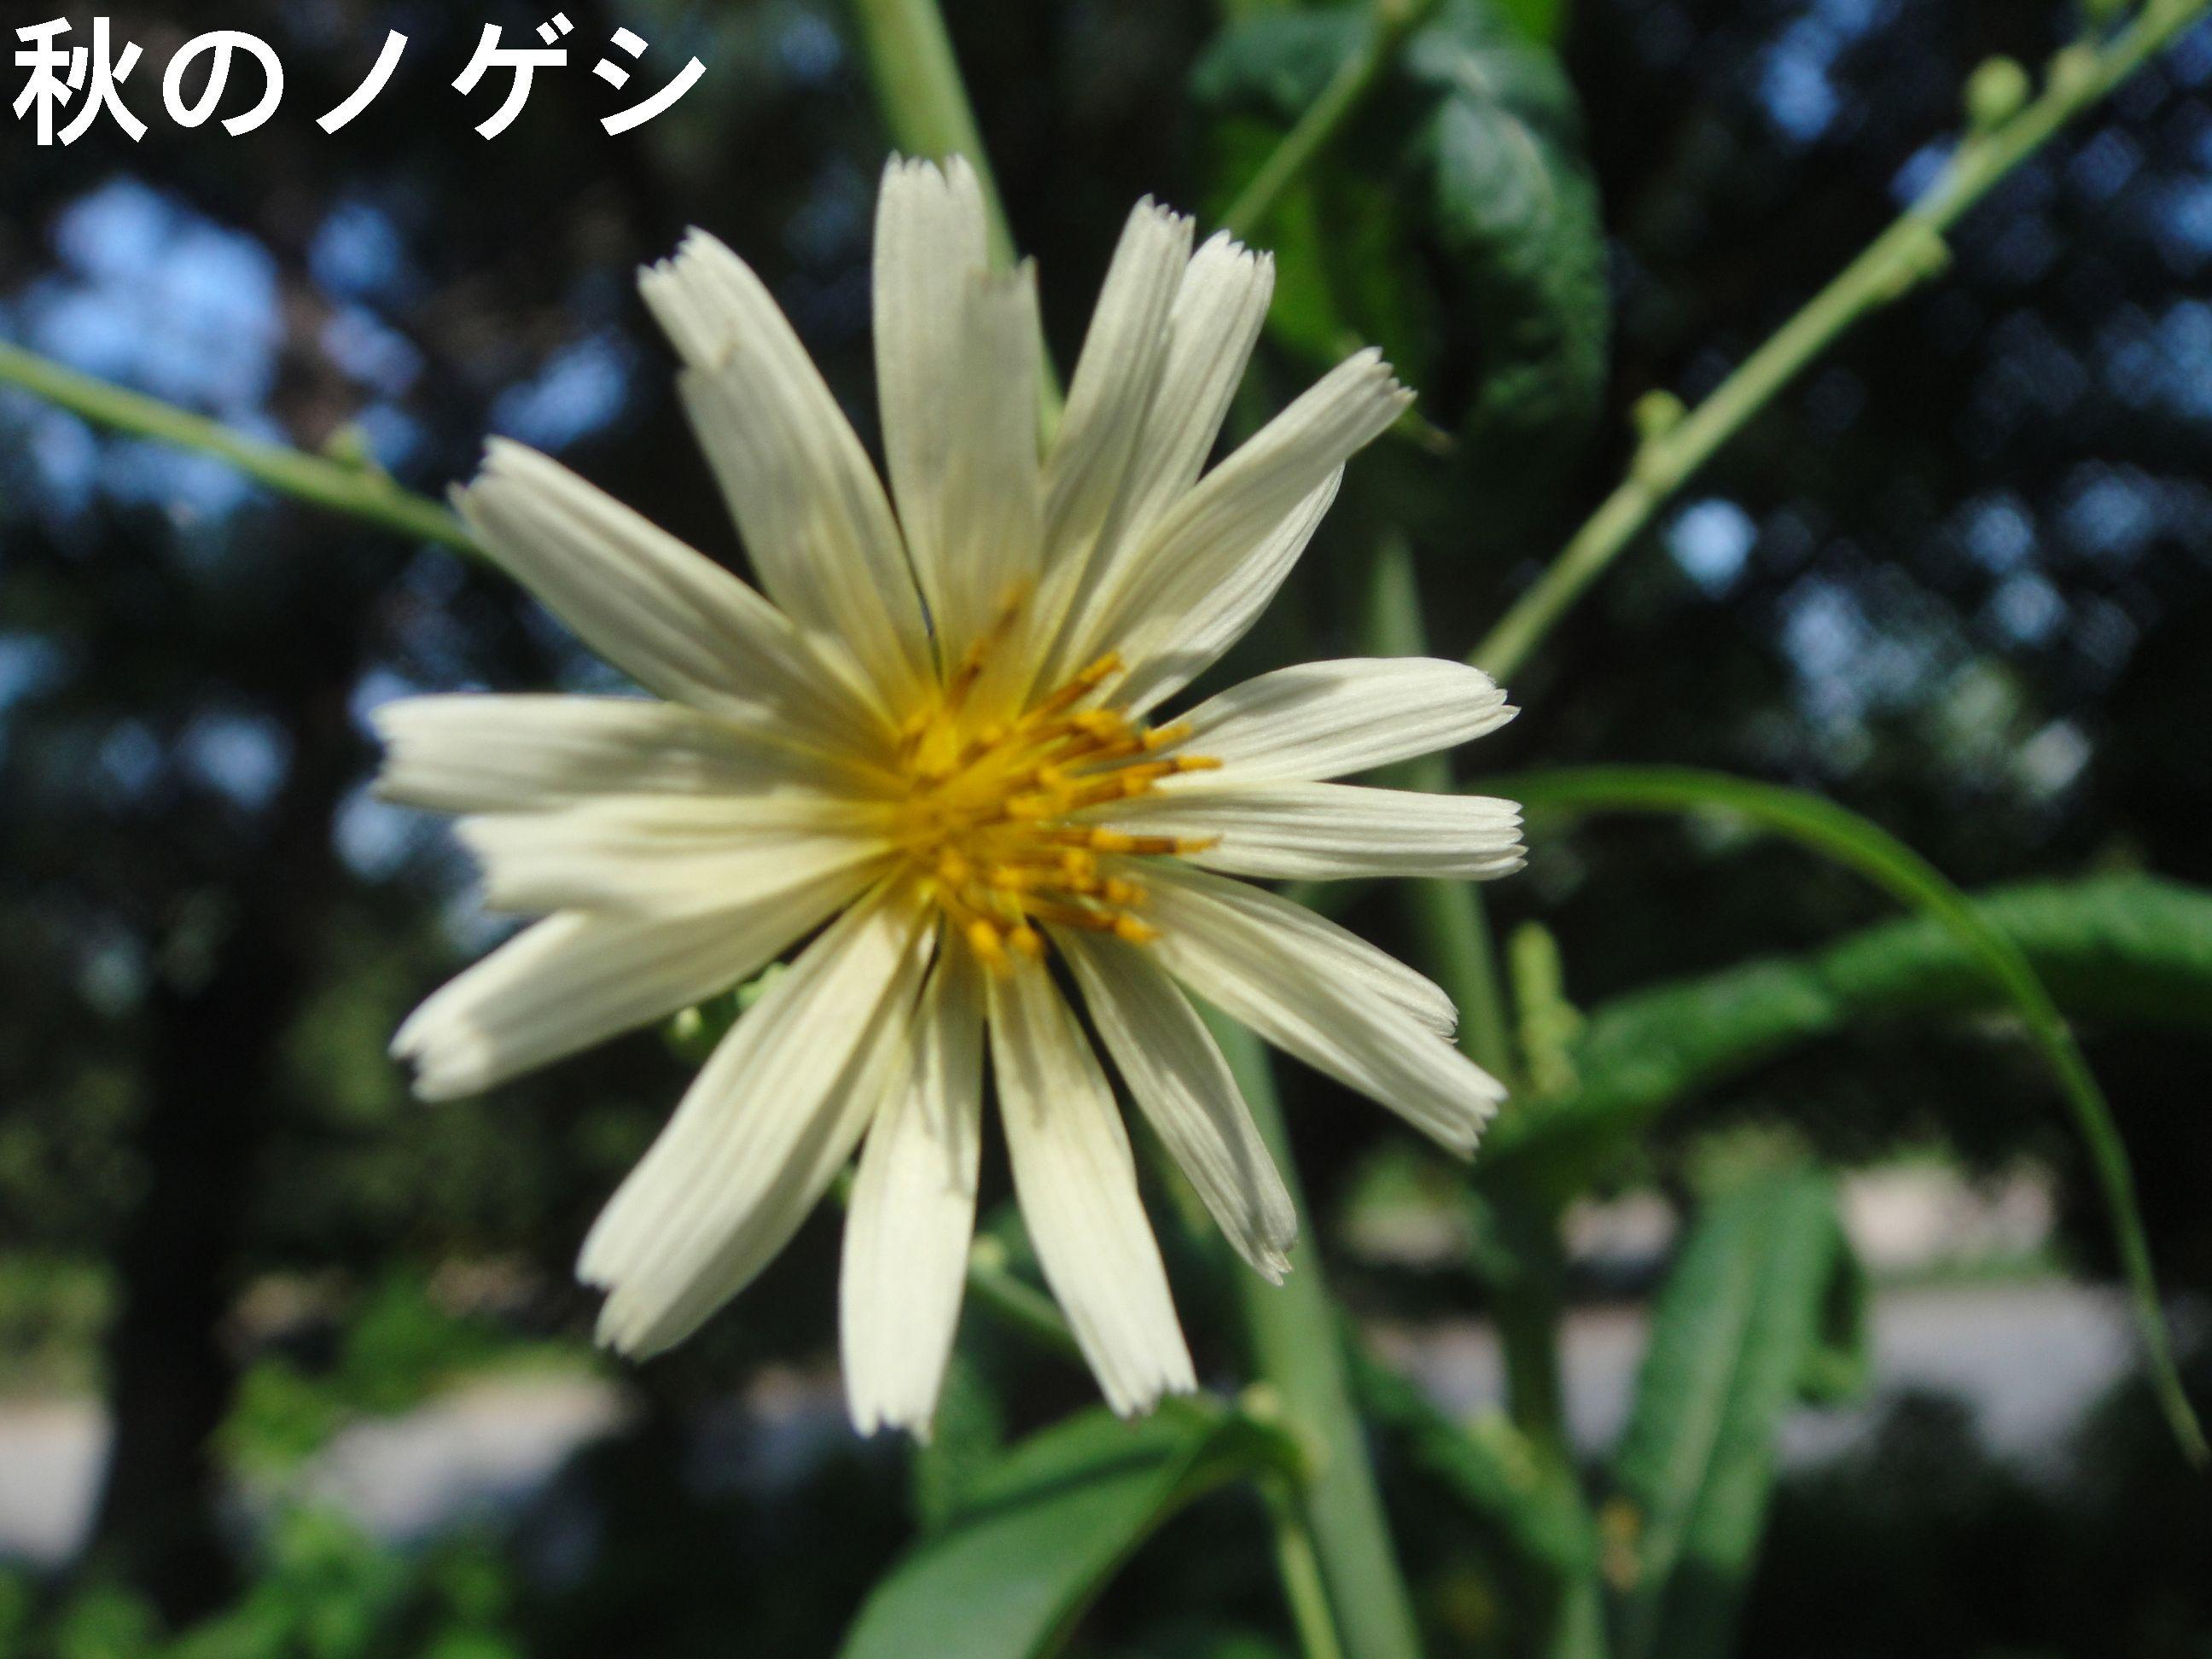 昼間咲いていたカラスウリの花!! in うみべの森H23年9月度植物調査_c0108460_1581399.jpg